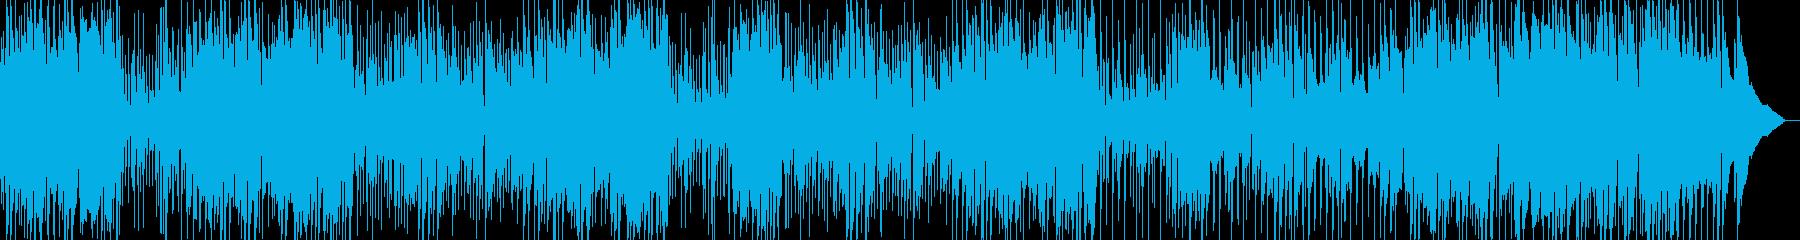 速い ジャズ ピアノ、ベース、ドラムの再生済みの波形